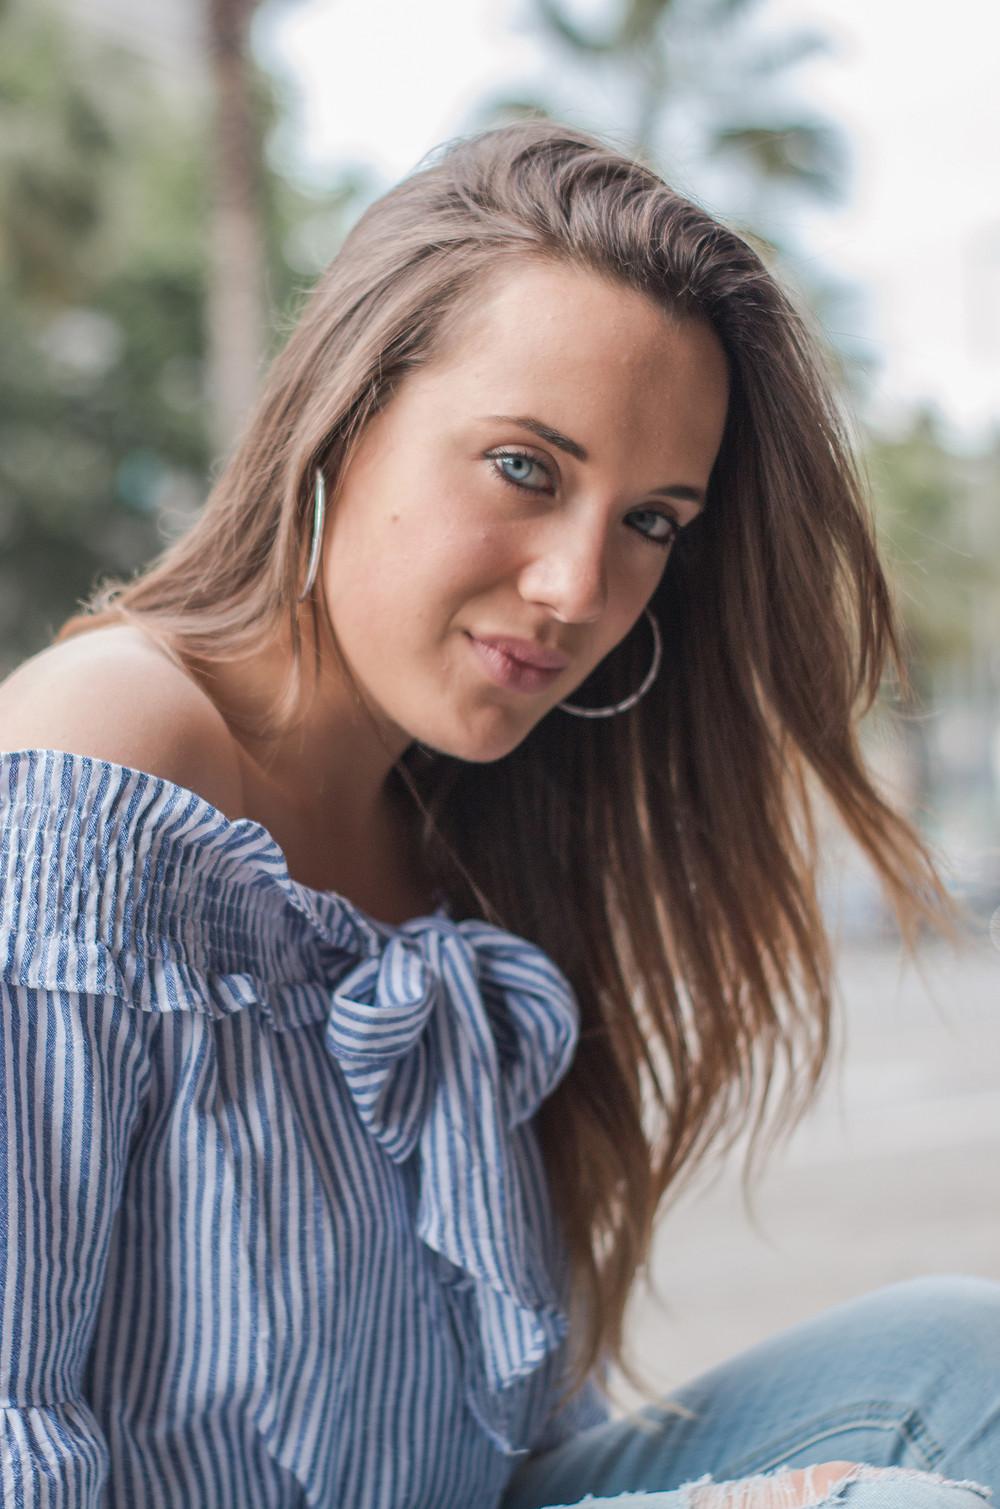 Portrait shoot in Barcelona